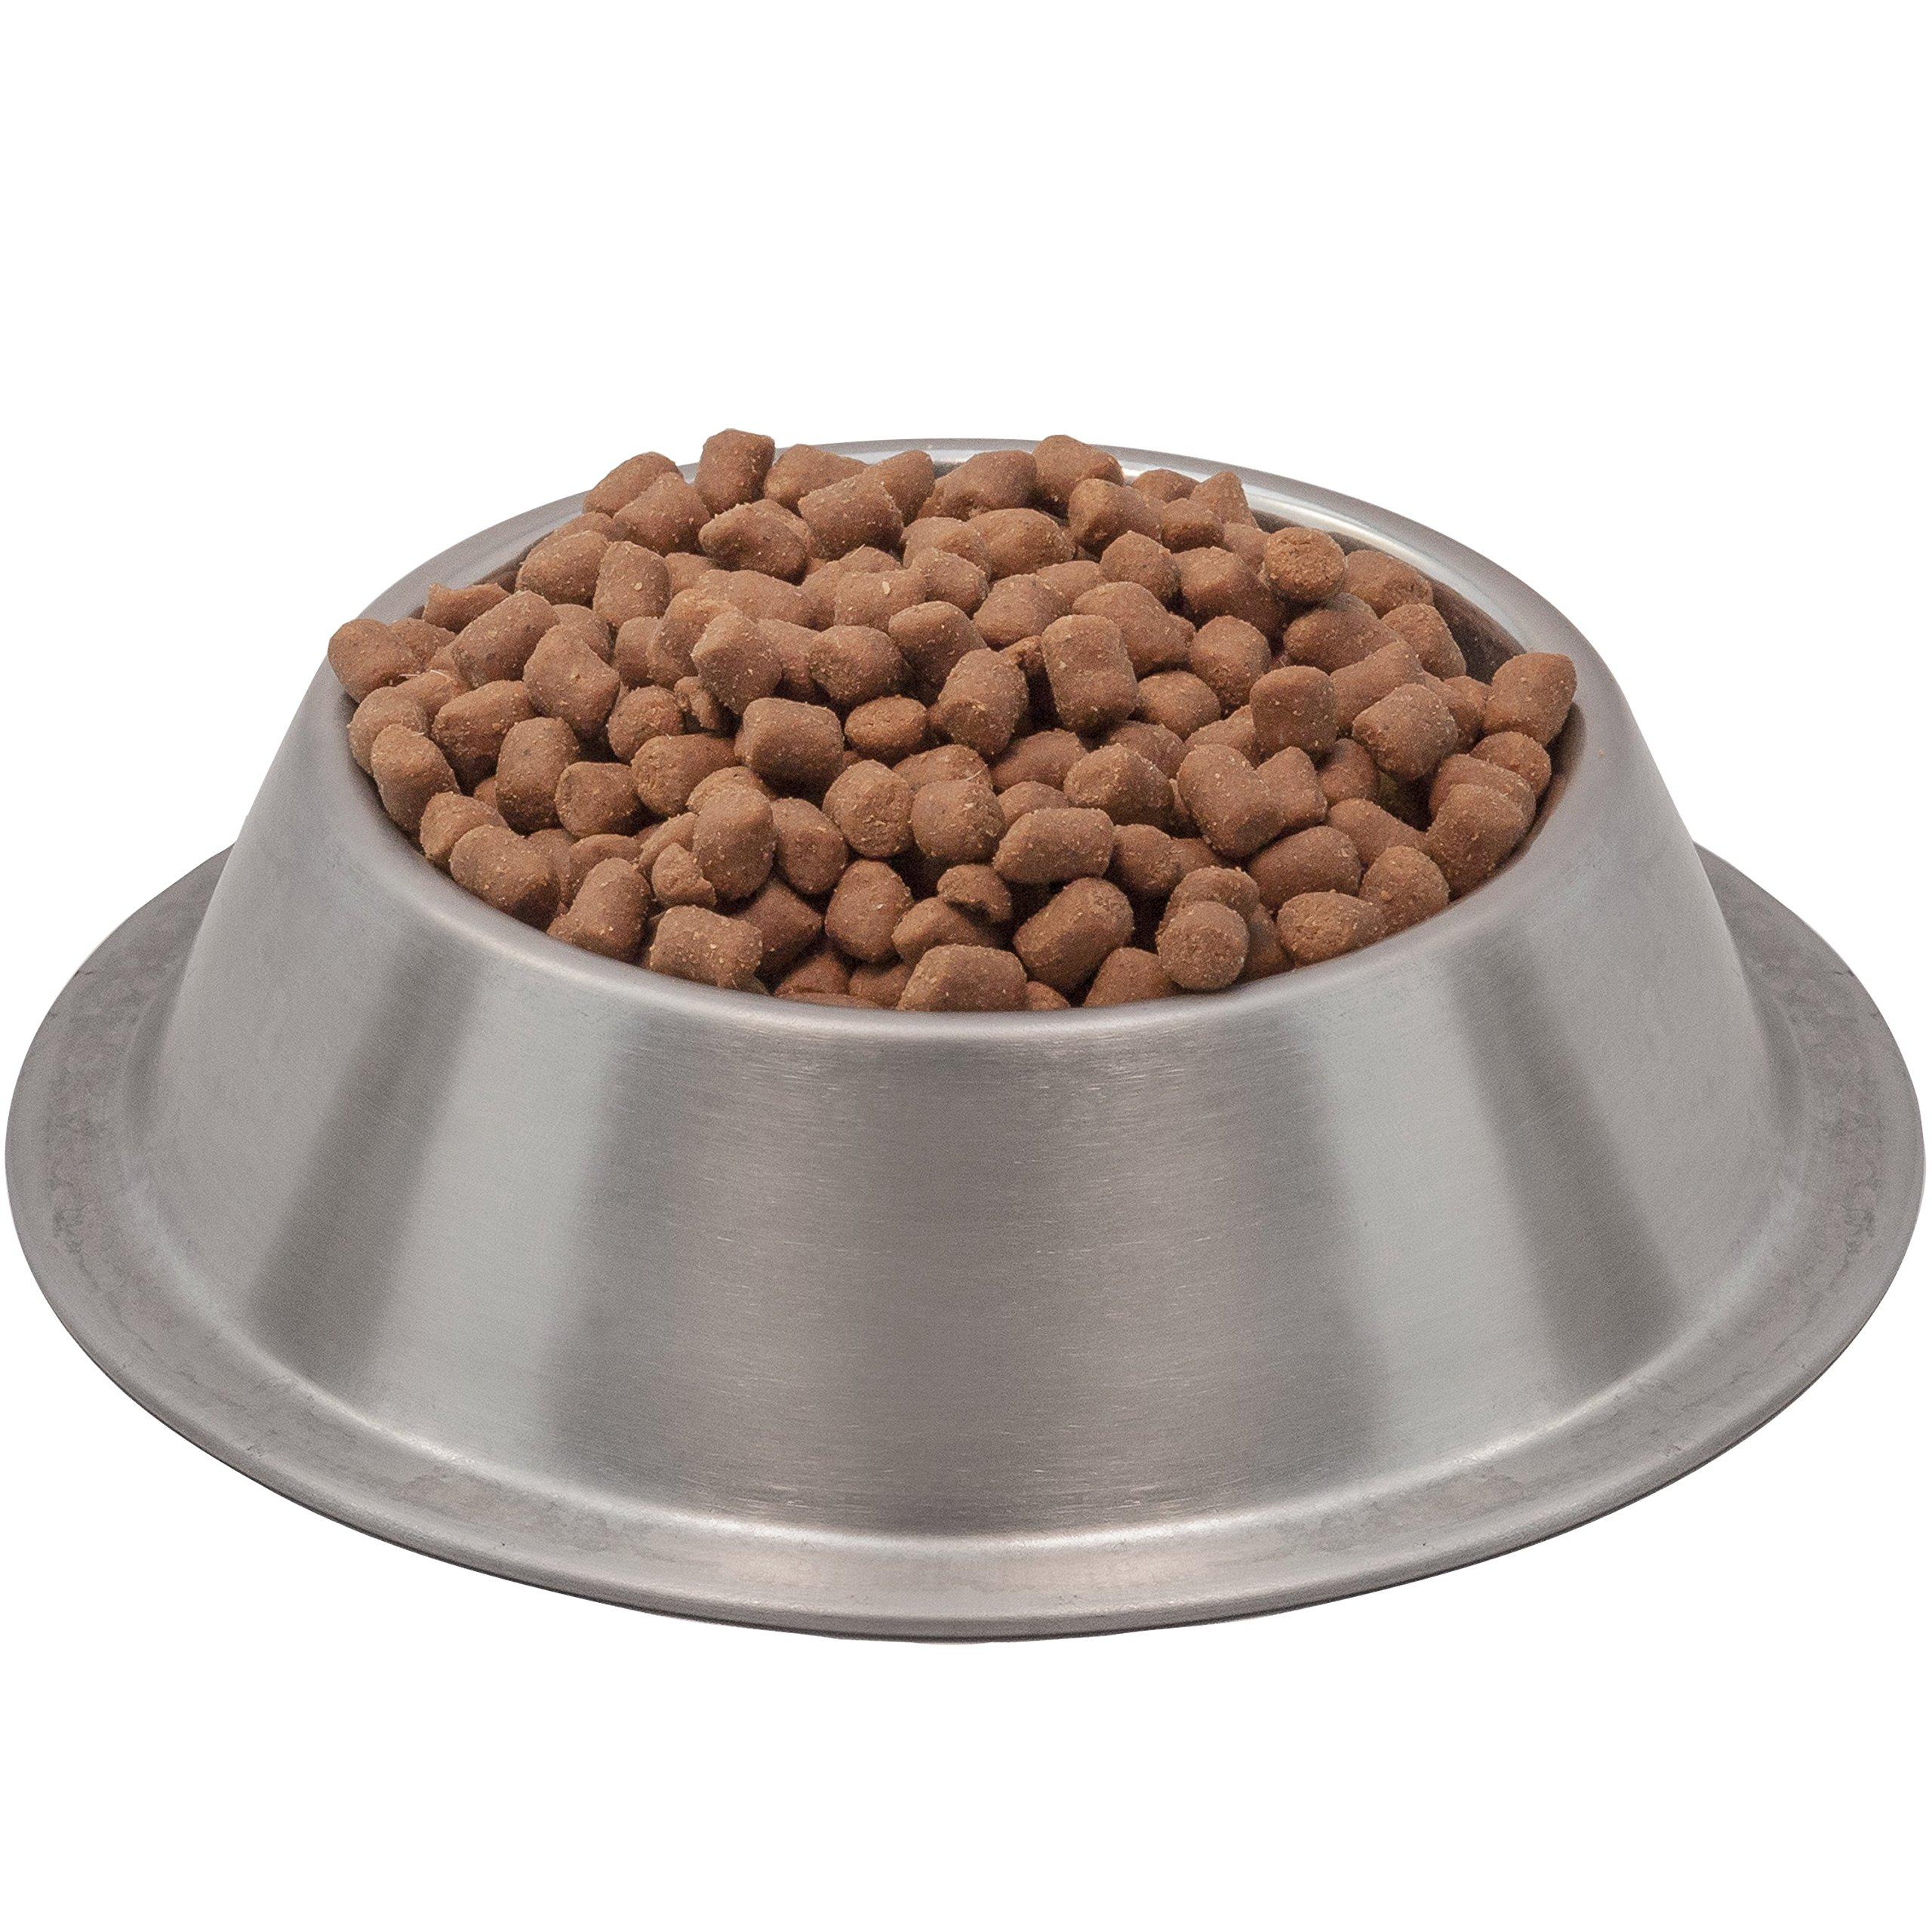 Wysong Ferret Epigen 90 - Dry Ferret Food by Wysong